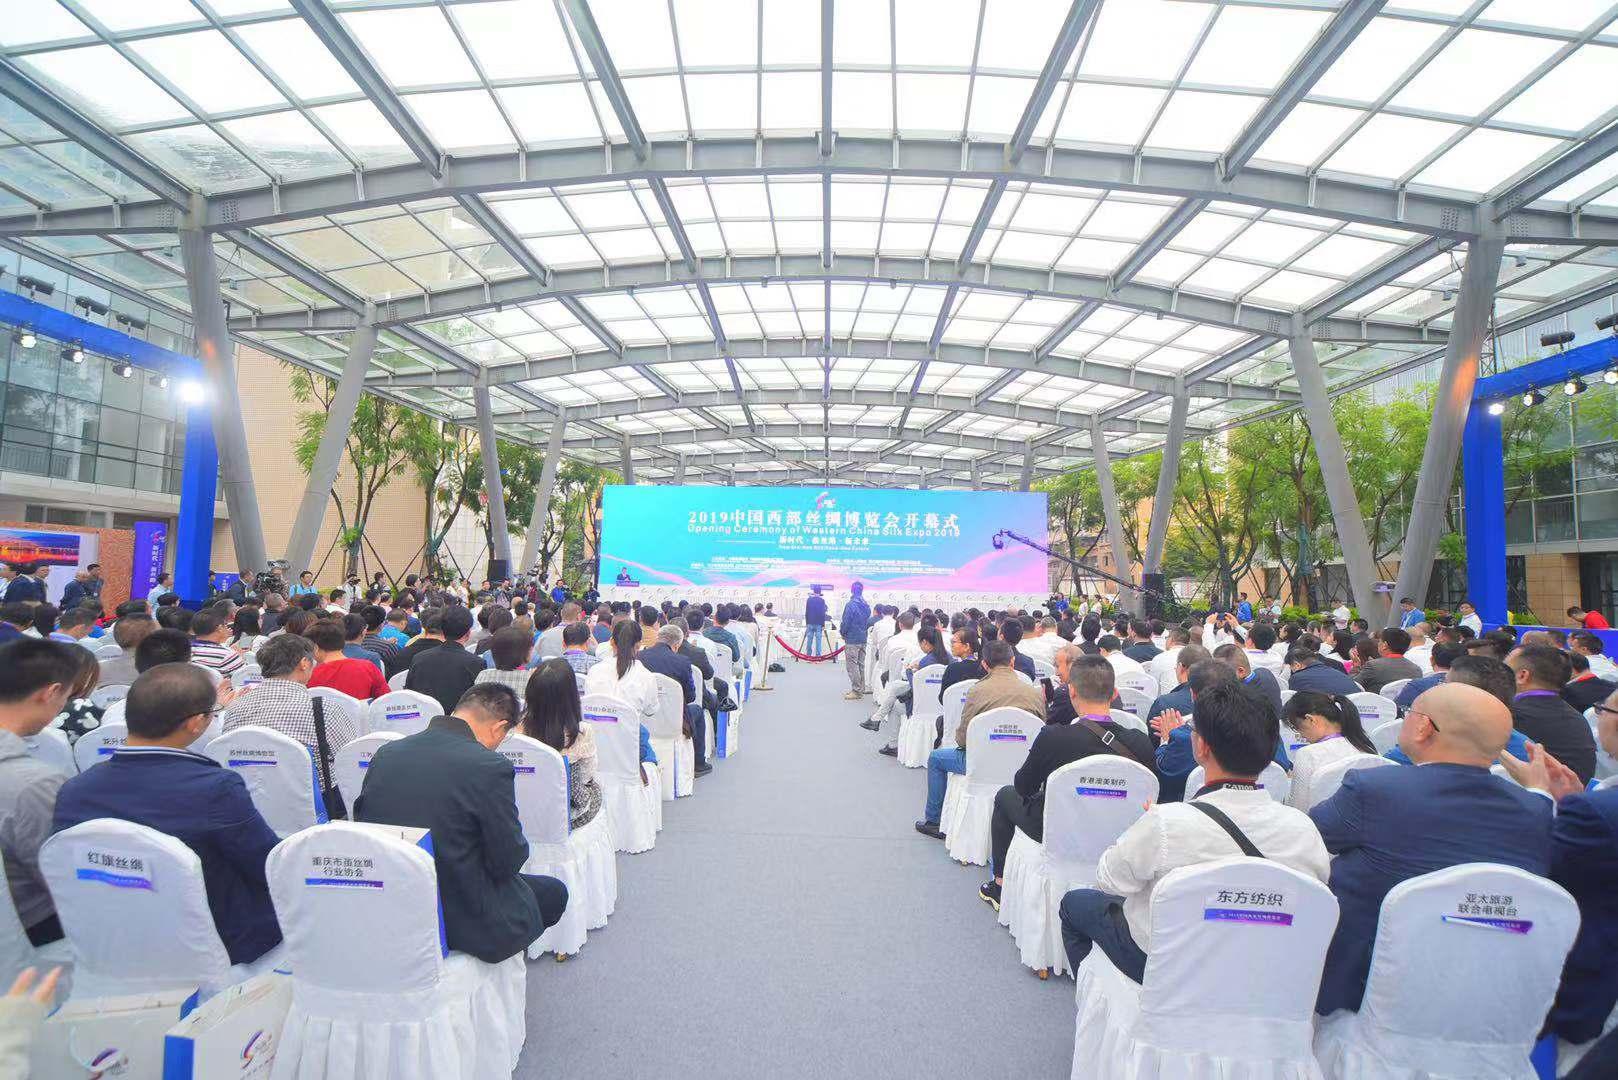 http://www.ncchanghong.com/nanchongxinwen/13638.html